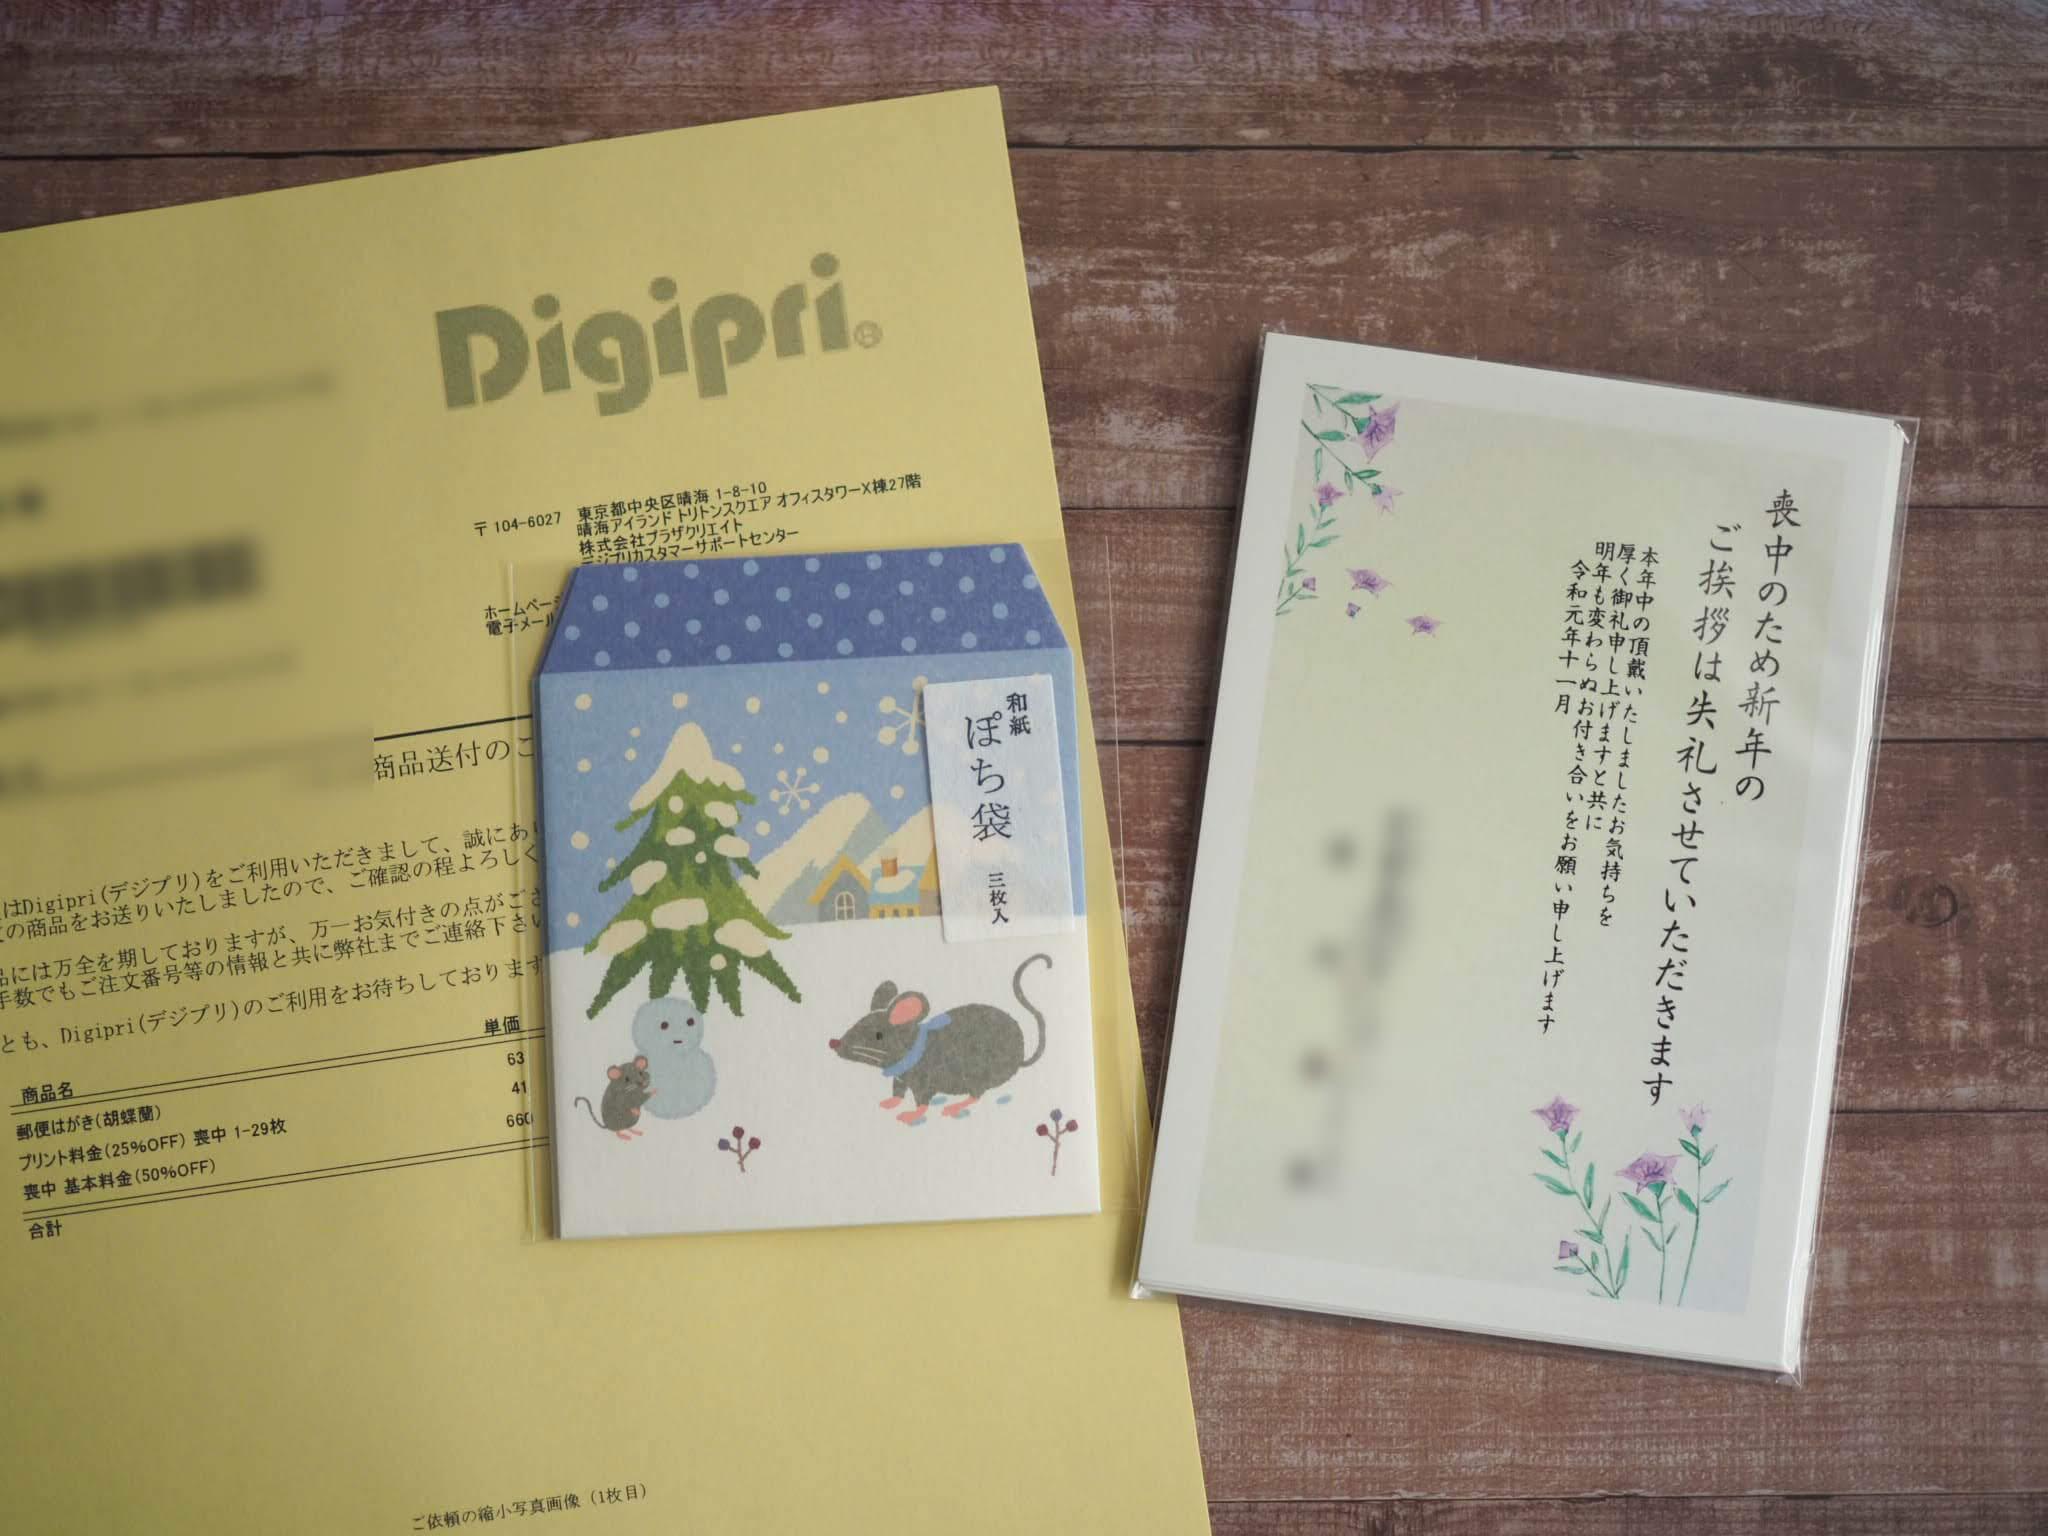 Digipri(デジプリ)の喪中はがき印刷の口コミ